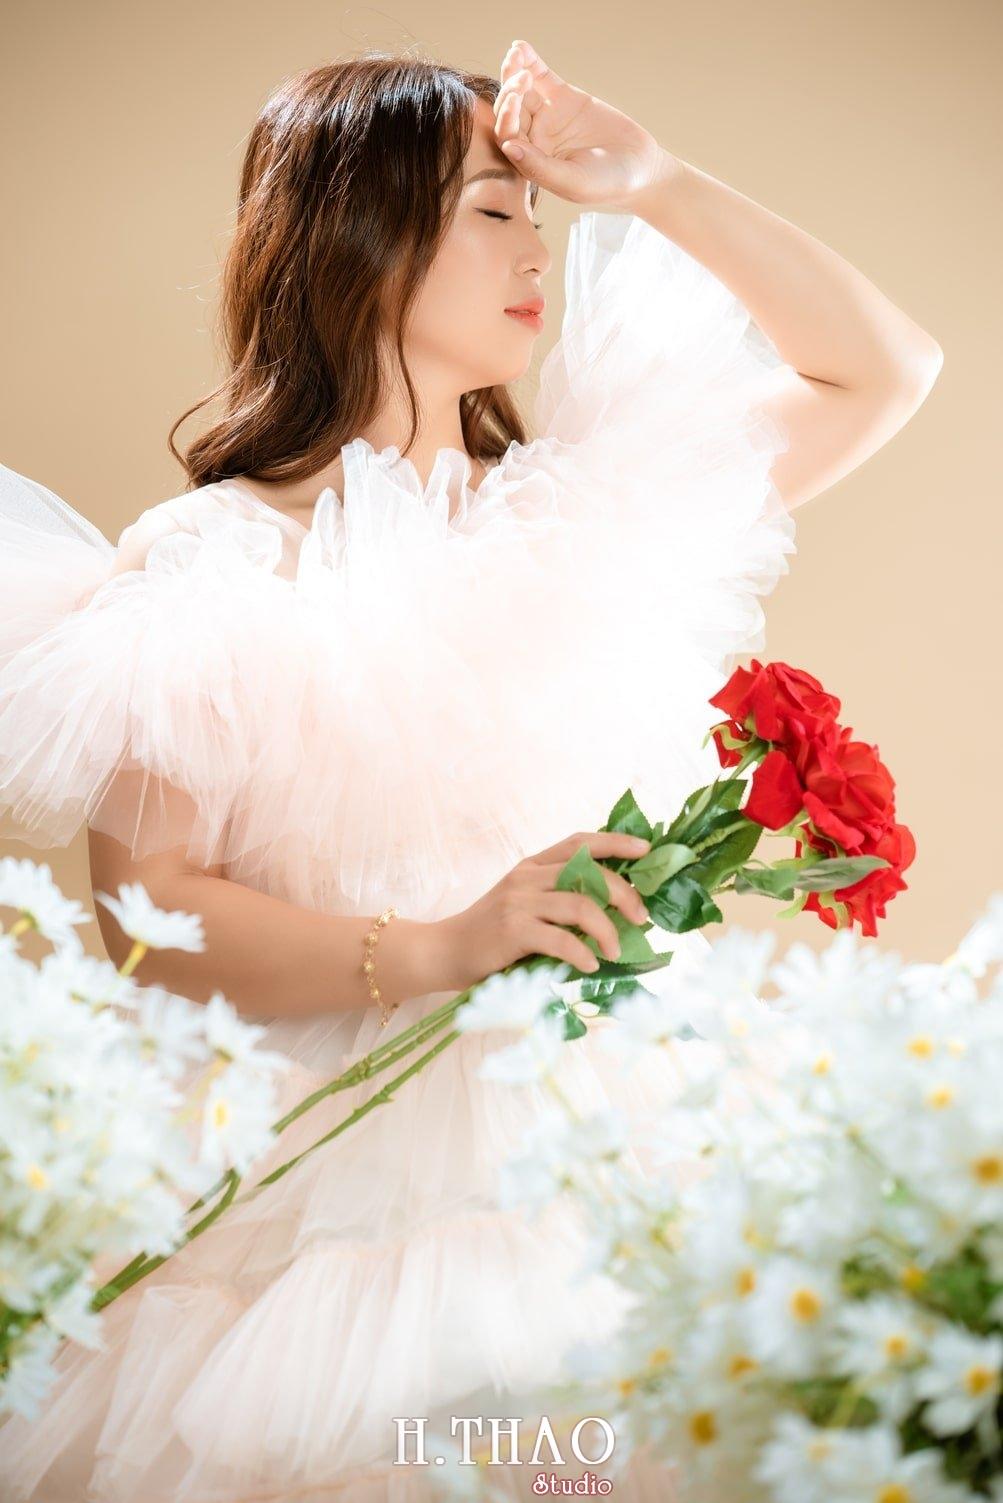 Anh Beauty 5 - Album ảnh beauty bé Sang đẹp nhẹ nhàng - HThao Studio